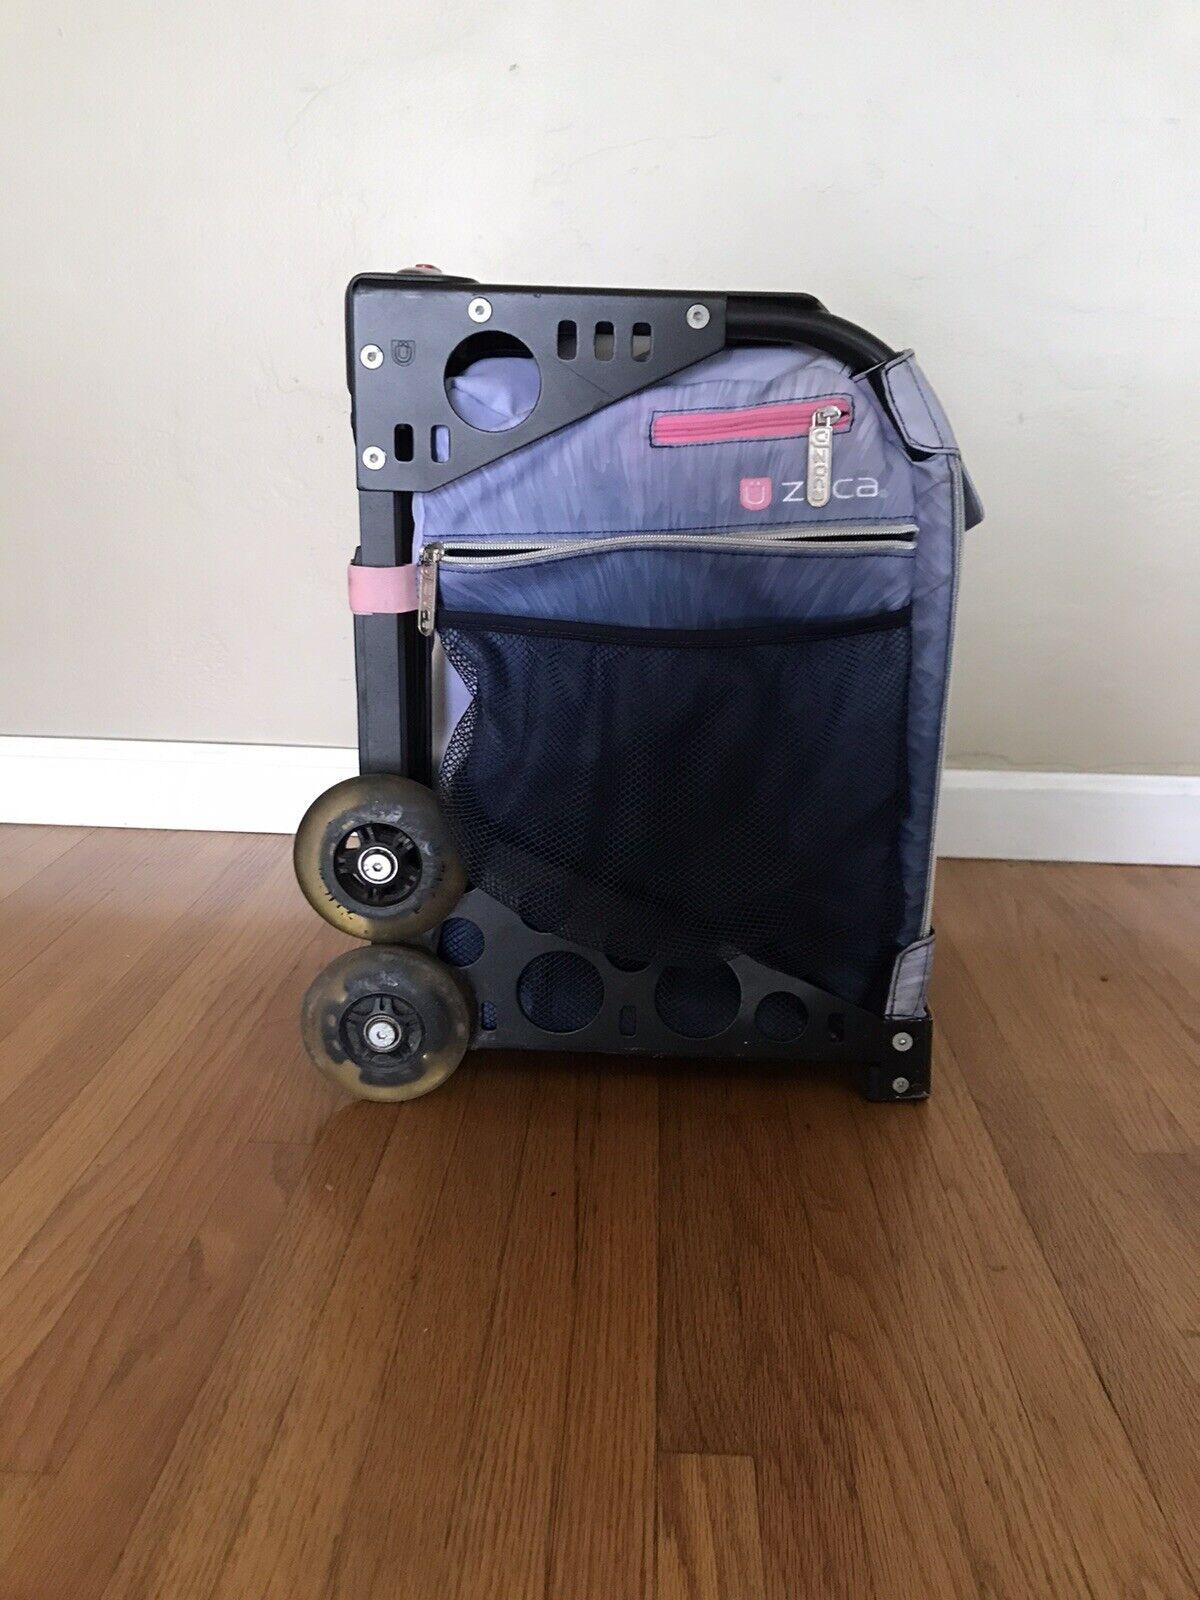 Zuca Sweetheartz Insert Bag Only and Sport Frame Black